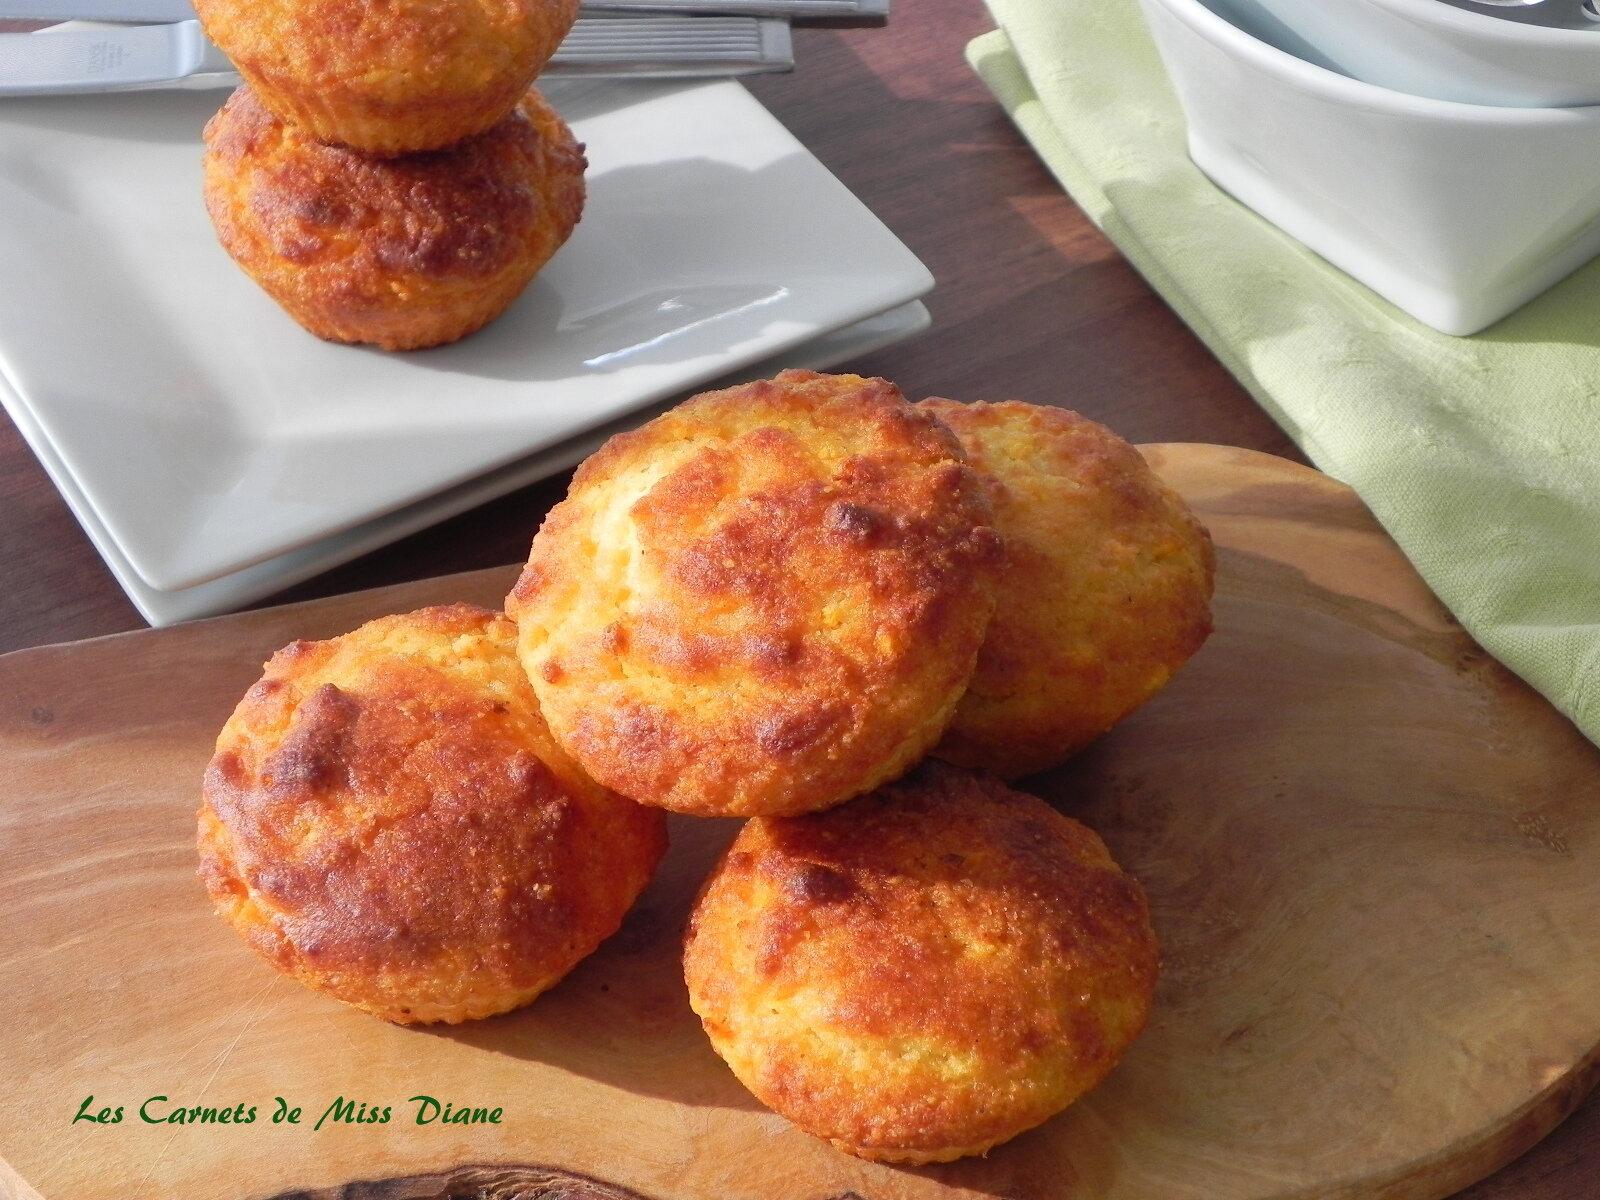 Muffins à la patate douce et à la semoule de maïs